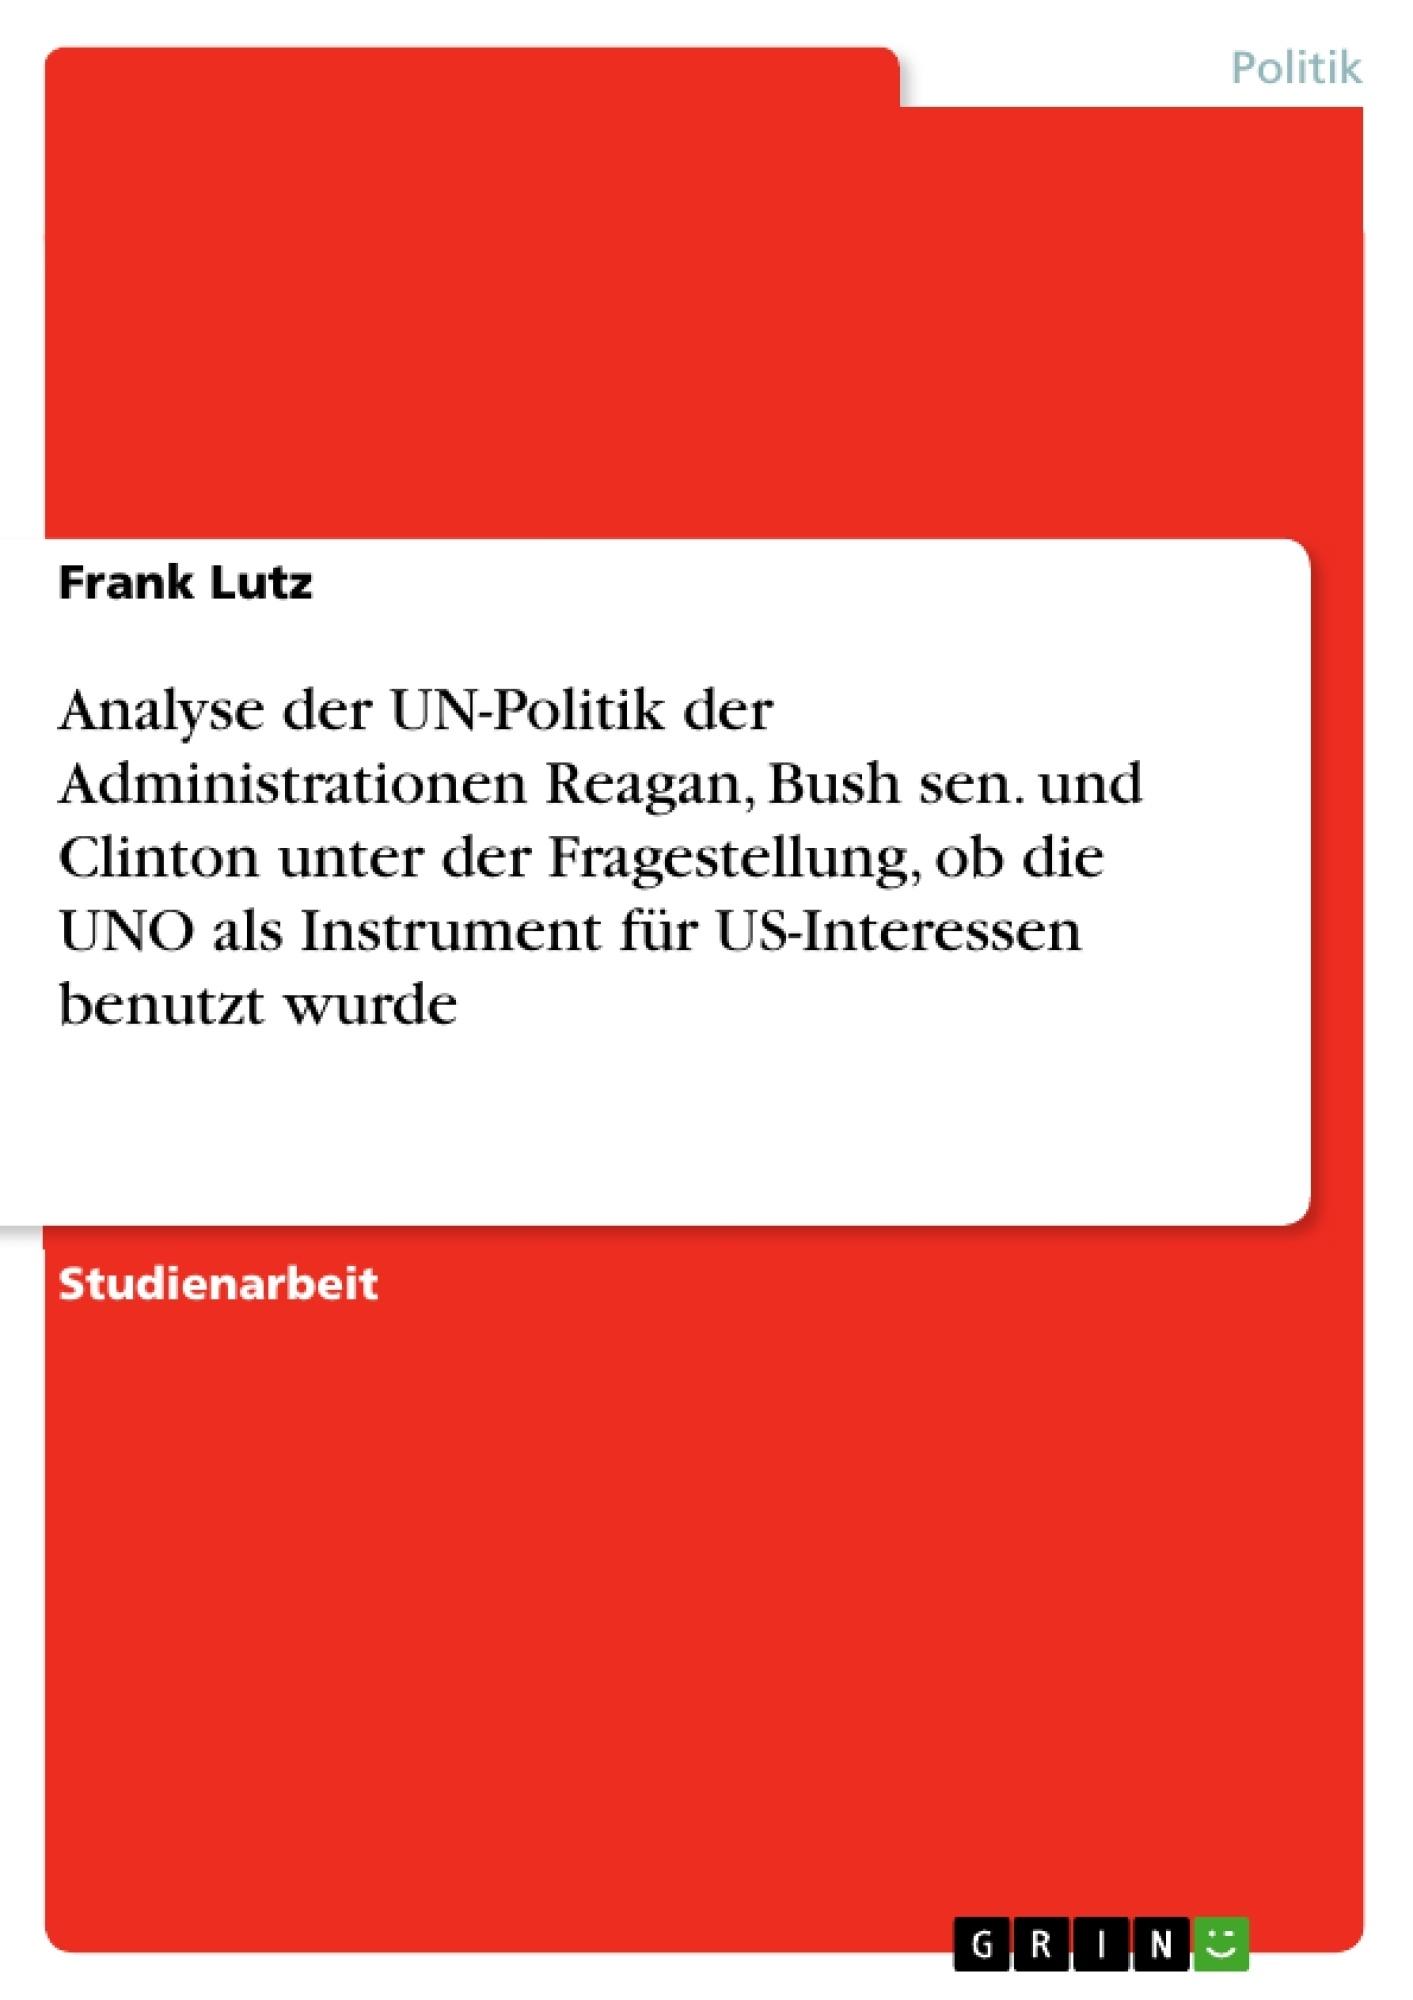 Titel: Analyse der UN-Politik der Administrationen Reagan, Bush sen. und Clinton unter der Fragestellung, ob die UNO als Instrument für US-Interessen benutzt wurde